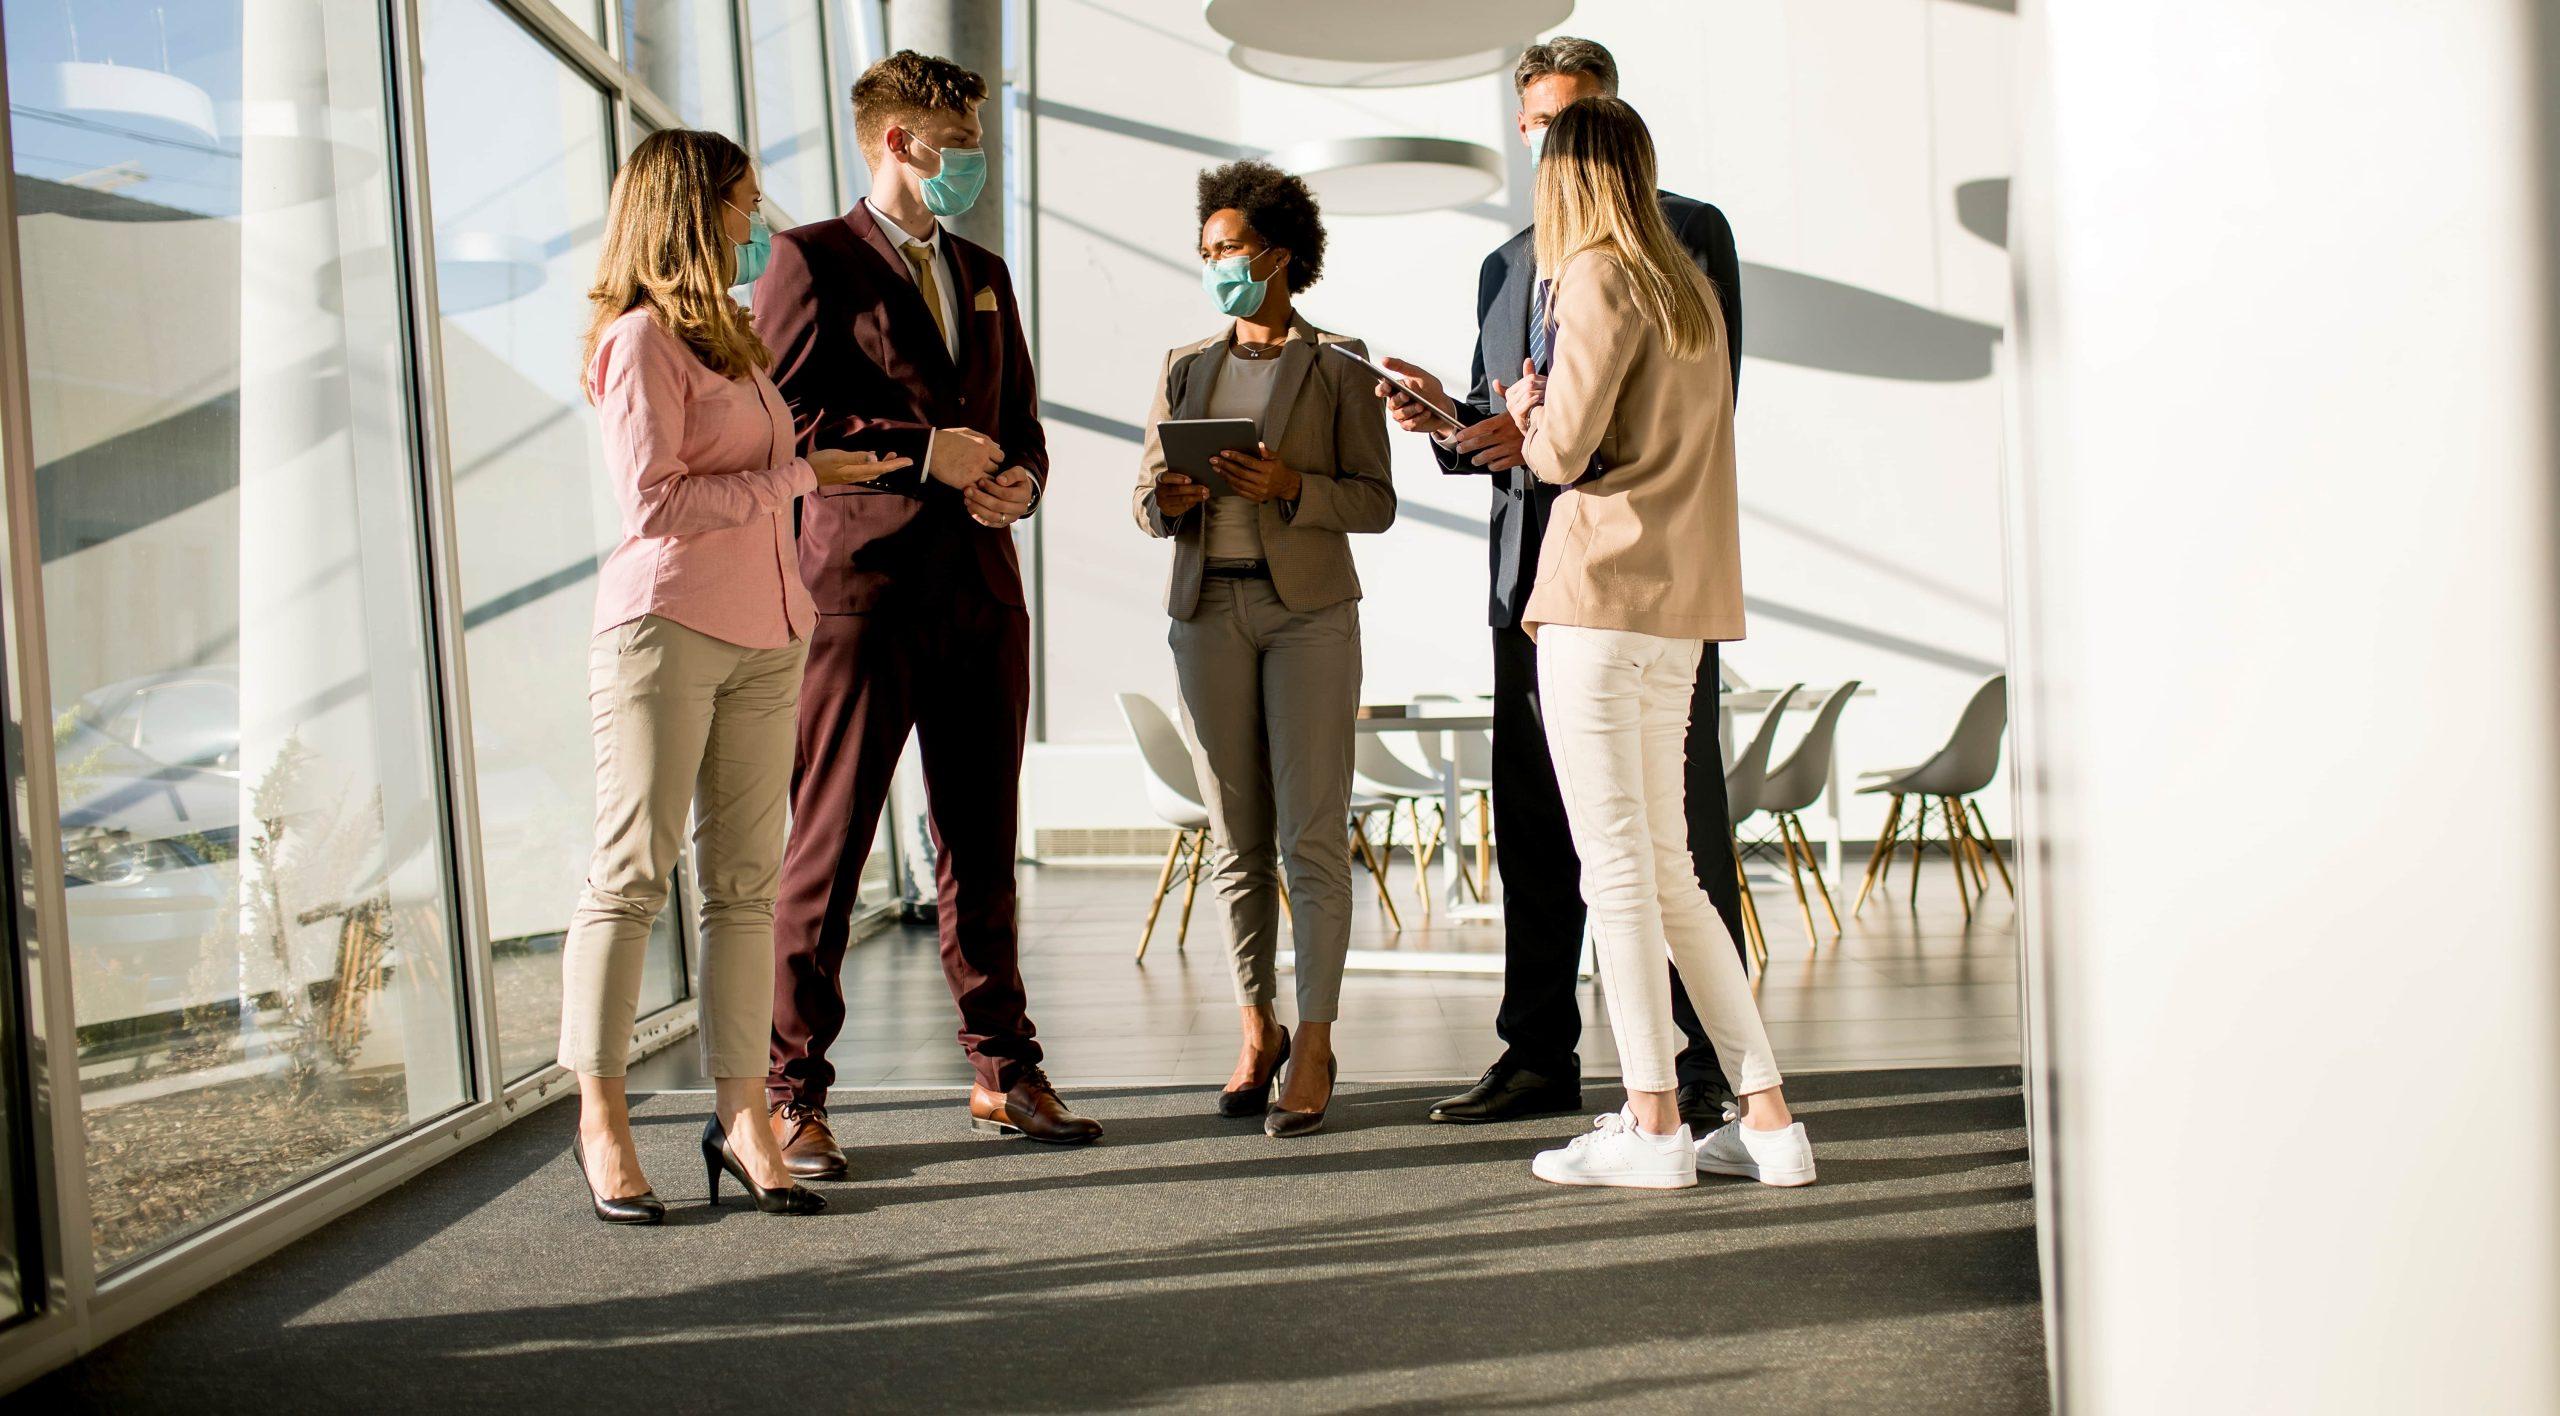 Syksyn yhtiökokoukset voivat olla tartuntariski, kokouksen osallistujia maskit päässä - Neomeet